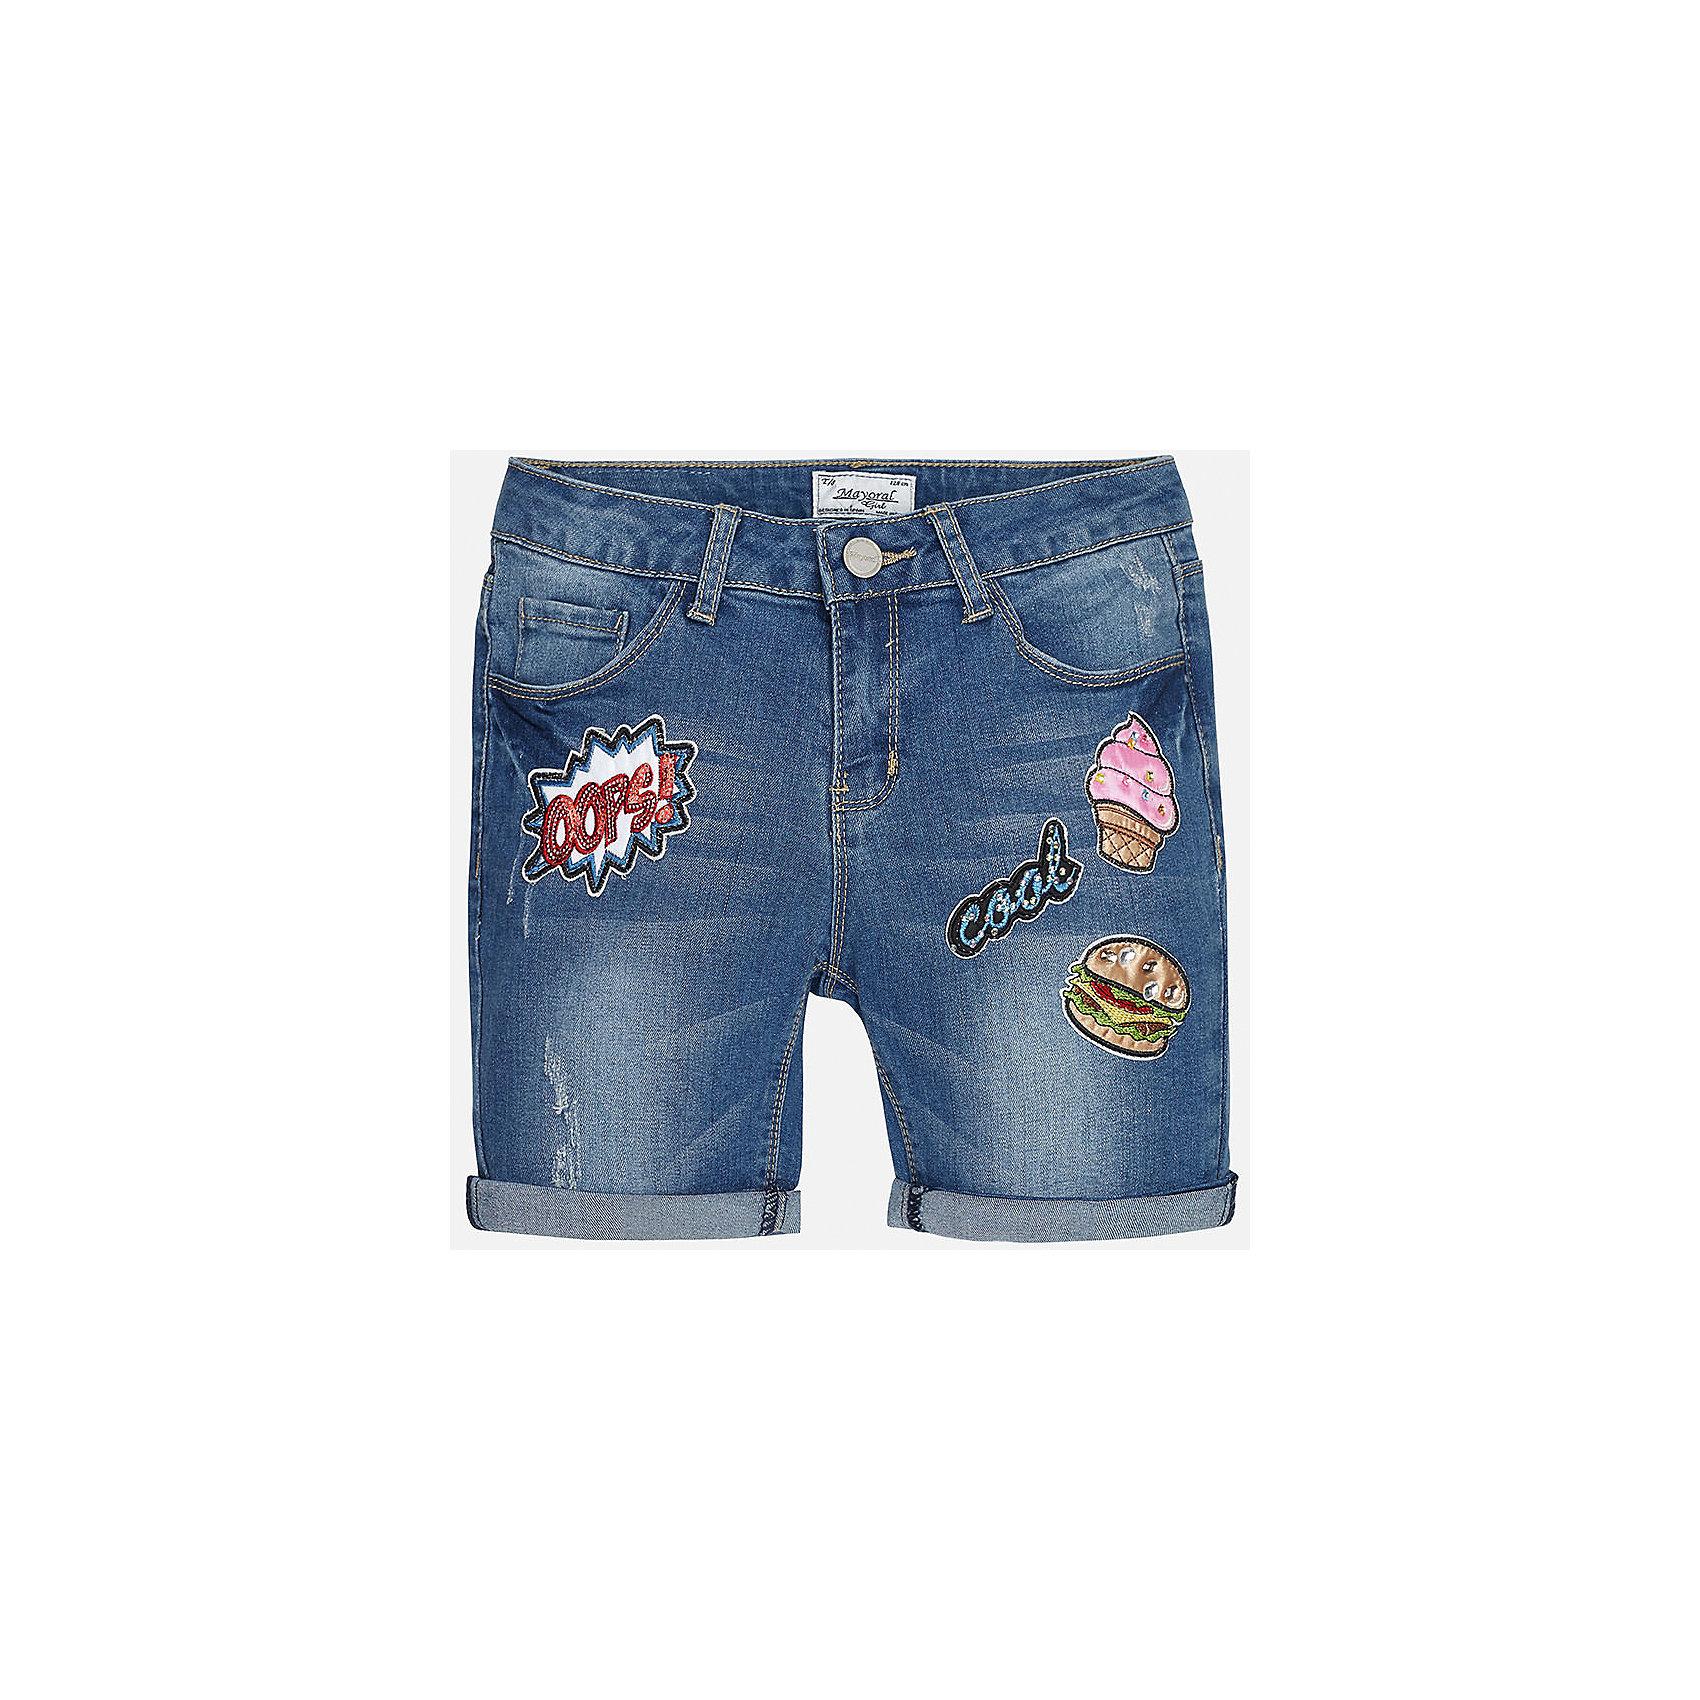 Бриджи джинсовые для девочки MayoralХарактеристики товара:<br><br>• цвет: синий<br>• состав: 69% хлопок, 29% полиэстер, 2% эластан<br>• эффект потертости<br>• карманы<br>• пояс с регулировкой объема<br>• шлевки<br>• страна бренда: Испания<br><br>Стильные легкие шорты для девочки смогут разнообразить гардероб ребенка и украсить наряд. Они отлично сочетаются с майками, футболками, блузками. Красивый оттенок позволяет подобрать к вещи верх разных расцветок. Интересный крой модели делает её нарядной и оригинальной. В составе материала - натуральный хлопок, гипоаллергенный, приятный на ощупь, дышащий.<br><br>Одежда, обувь и аксессуары от испанского бренда Mayoral полюбились детям и взрослым по всему миру. Модели этой марки - стильные и удобные. Для их производства используются только безопасные, качественные материалы и фурнитура. Порадуйте ребенка модными и красивыми вещами от Mayoral! <br><br>Шорты для девочки от испанского бренда Mayoral (Майорал) можно купить в нашем интернет-магазине.<br><br>Ширина мм: 191<br>Глубина мм: 10<br>Высота мм: 175<br>Вес г: 273<br>Цвет: голубой<br>Возраст от месяцев: 84<br>Возраст до месяцев: 96<br>Пол: Женский<br>Возраст: Детский<br>Размер: 128/134,170,140,152,158,164<br>SKU: 5292712